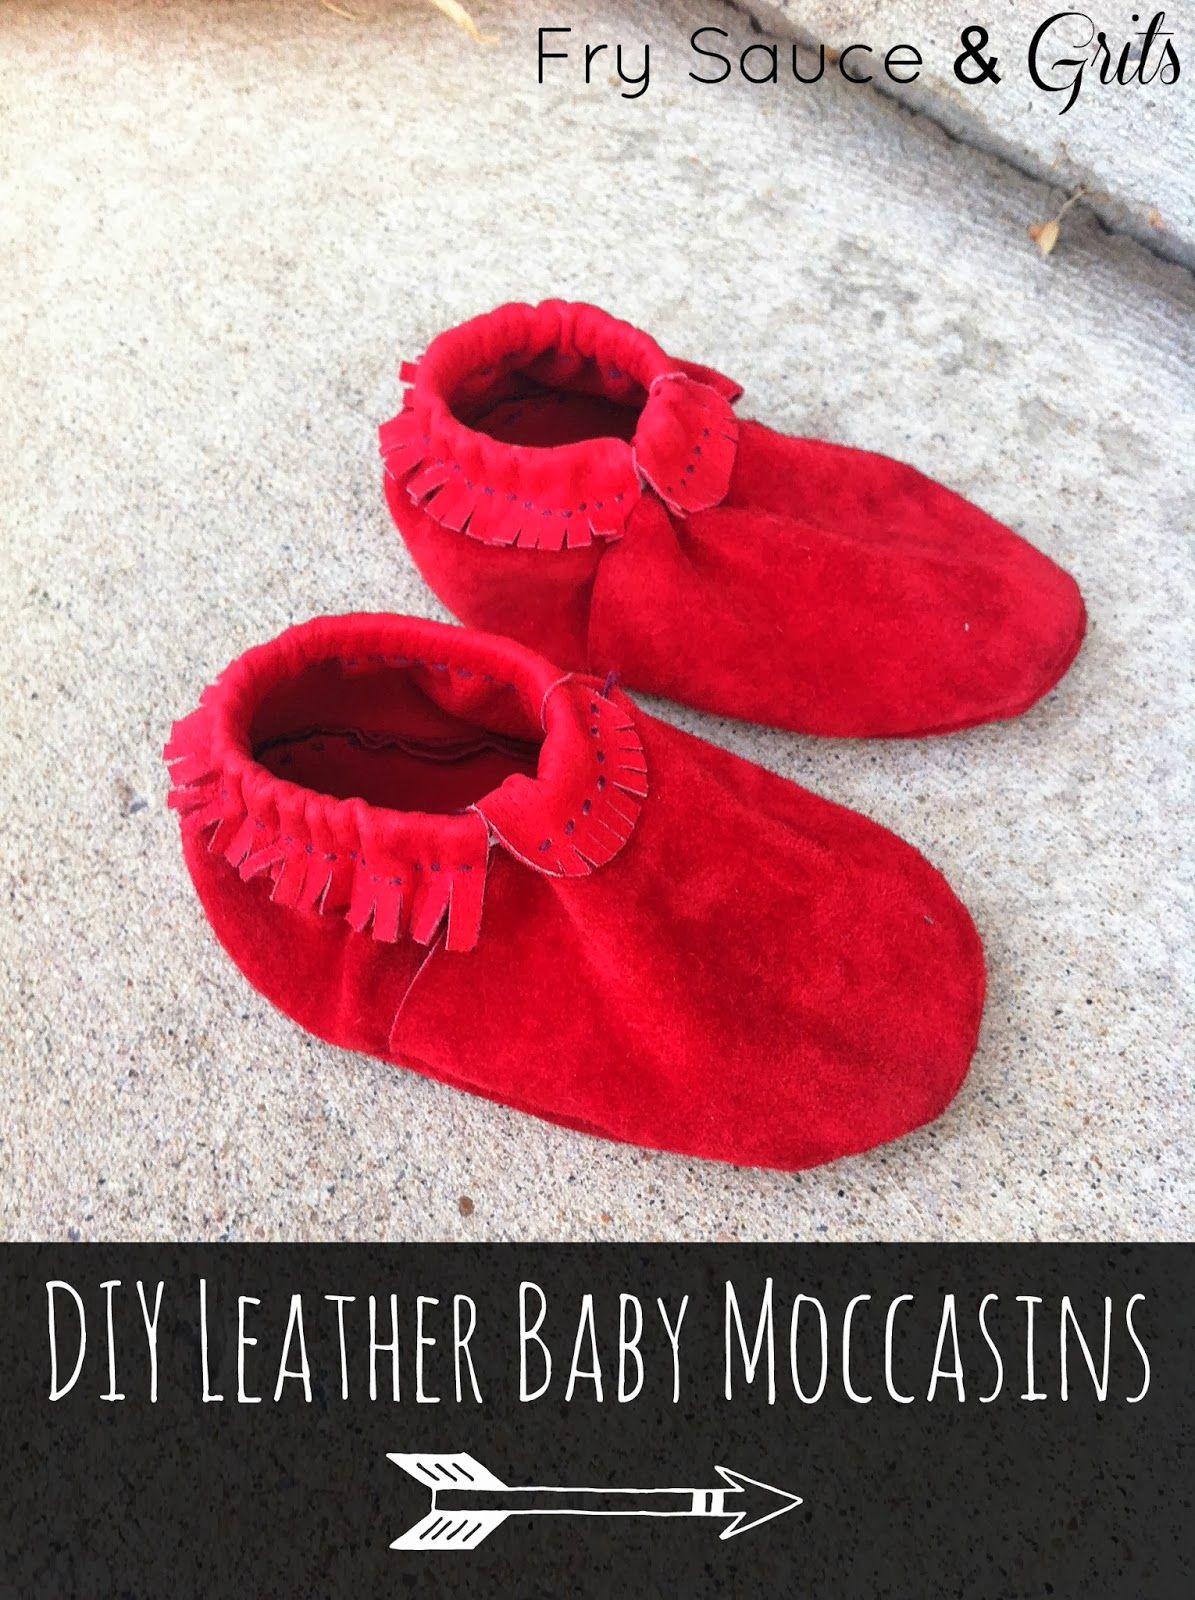 DIY Leather Baby Moccasins | Rund ums haus, Schuhe und Runde